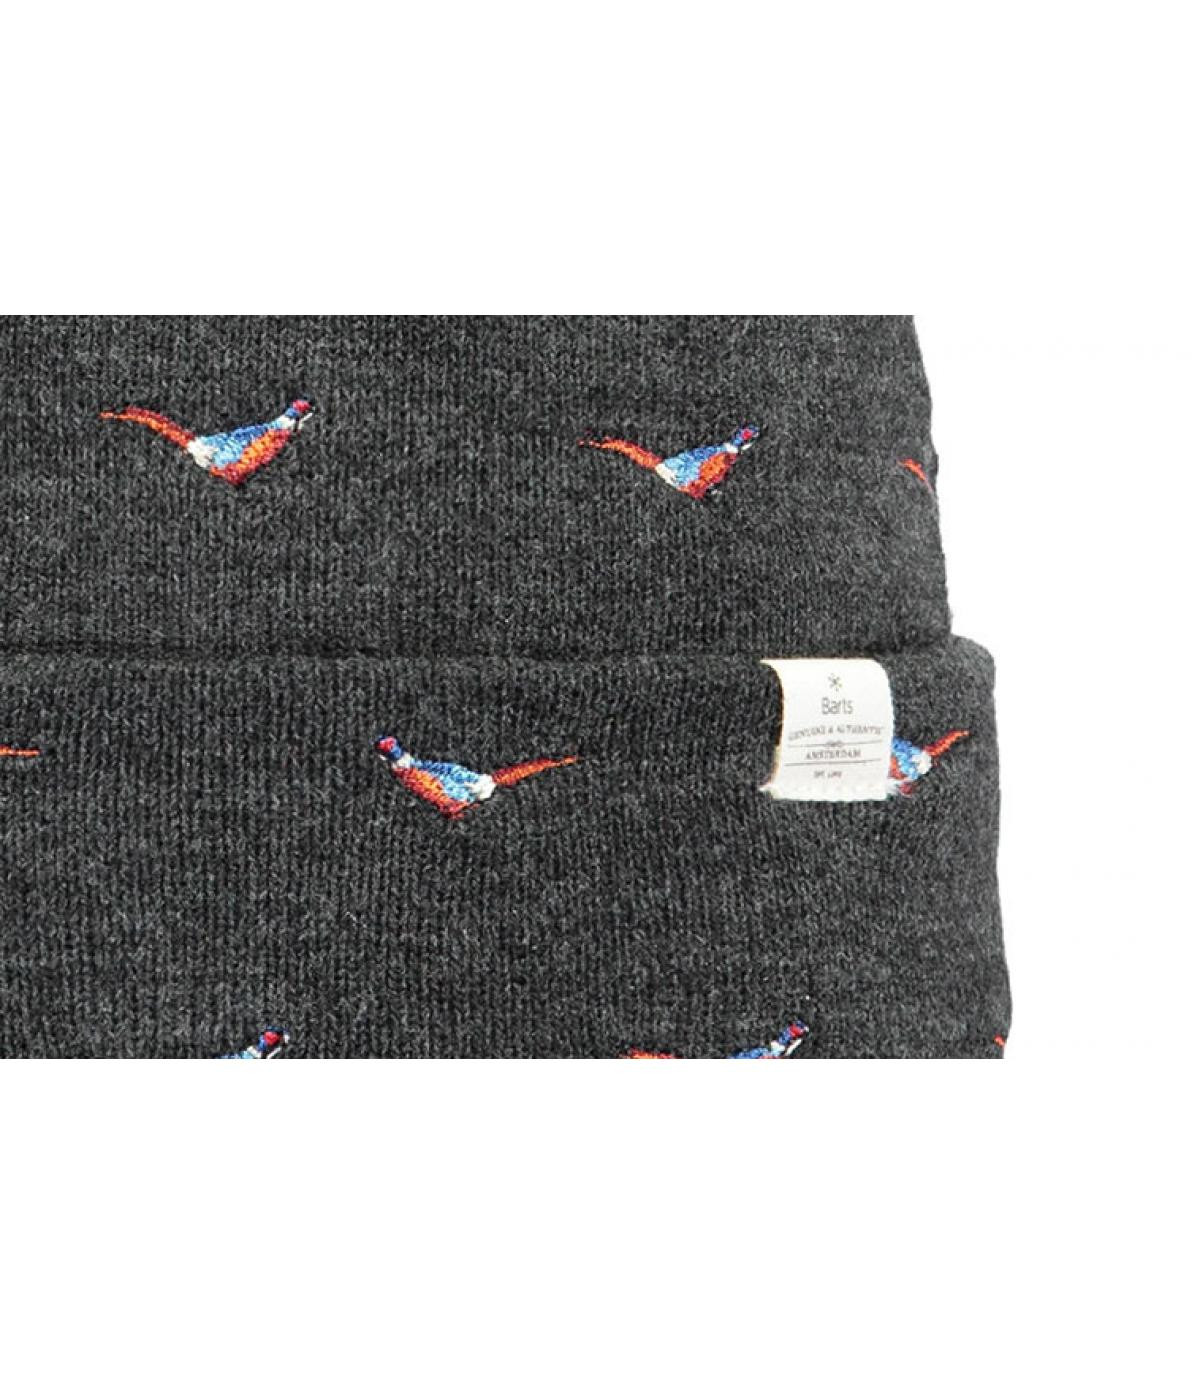 Détails Vinson Beanie dark heather - image 3